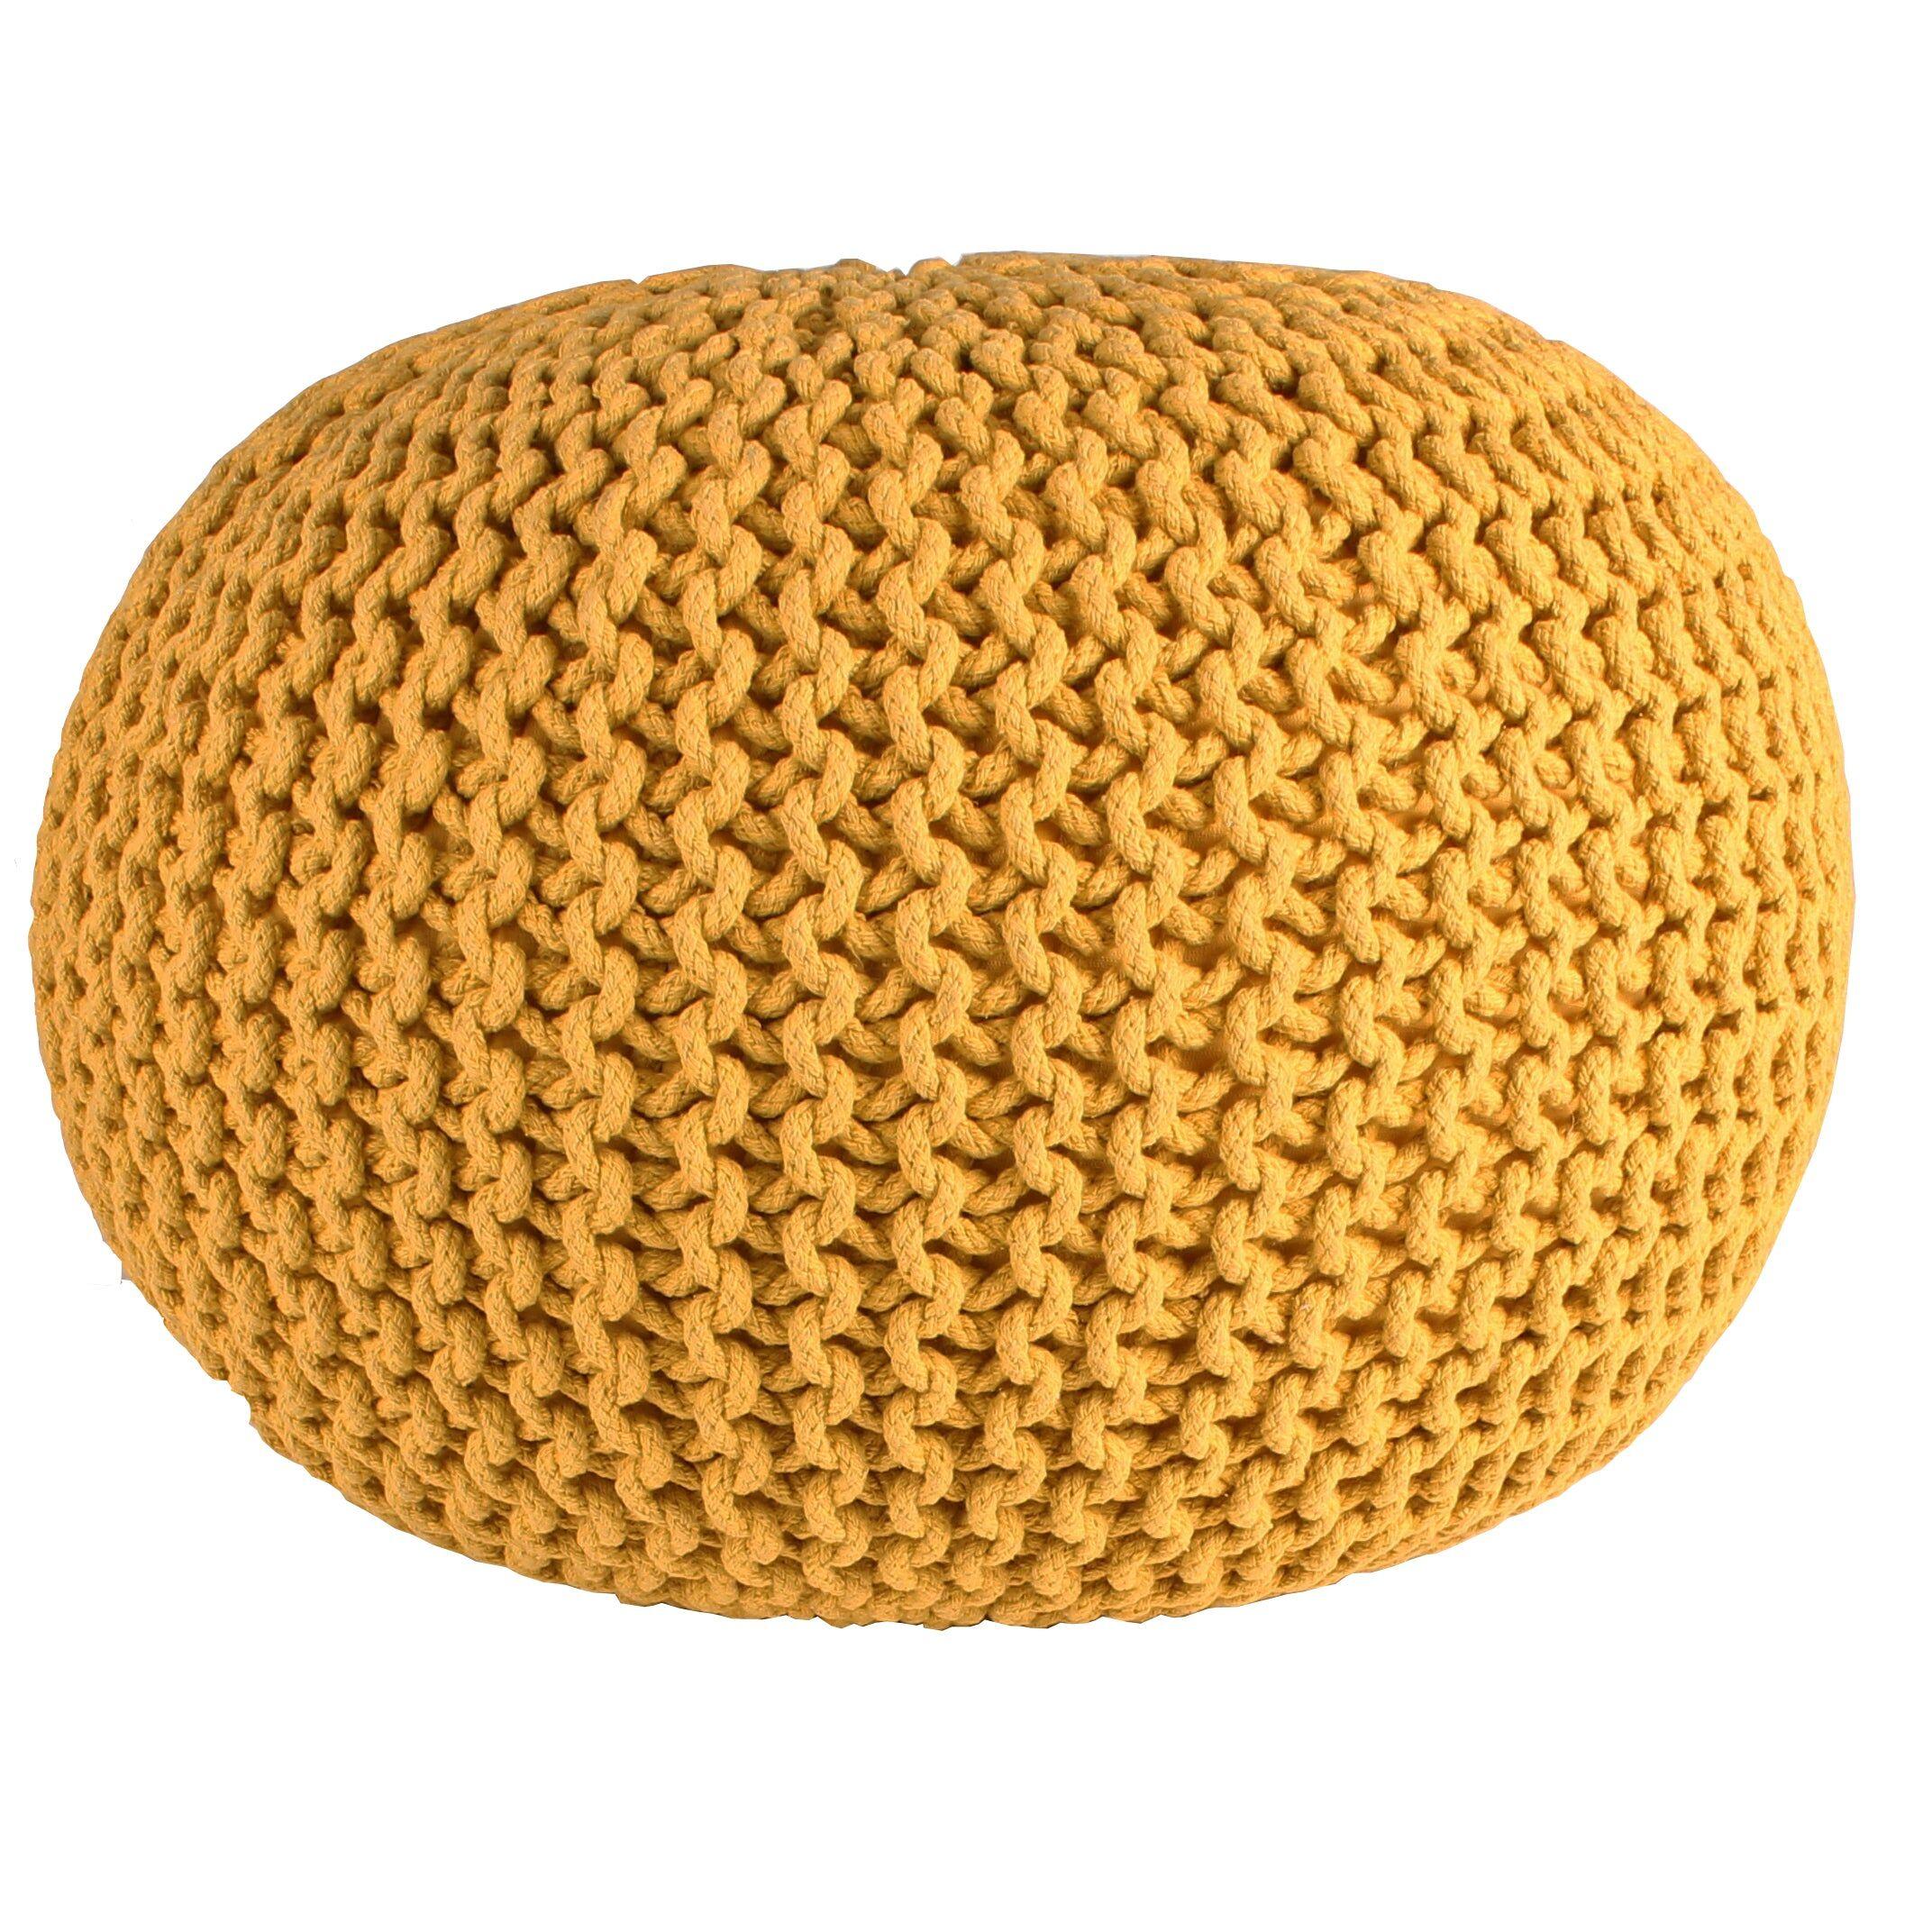 Nimara.dk Cotton strikket puf - Karry Ø55 cm